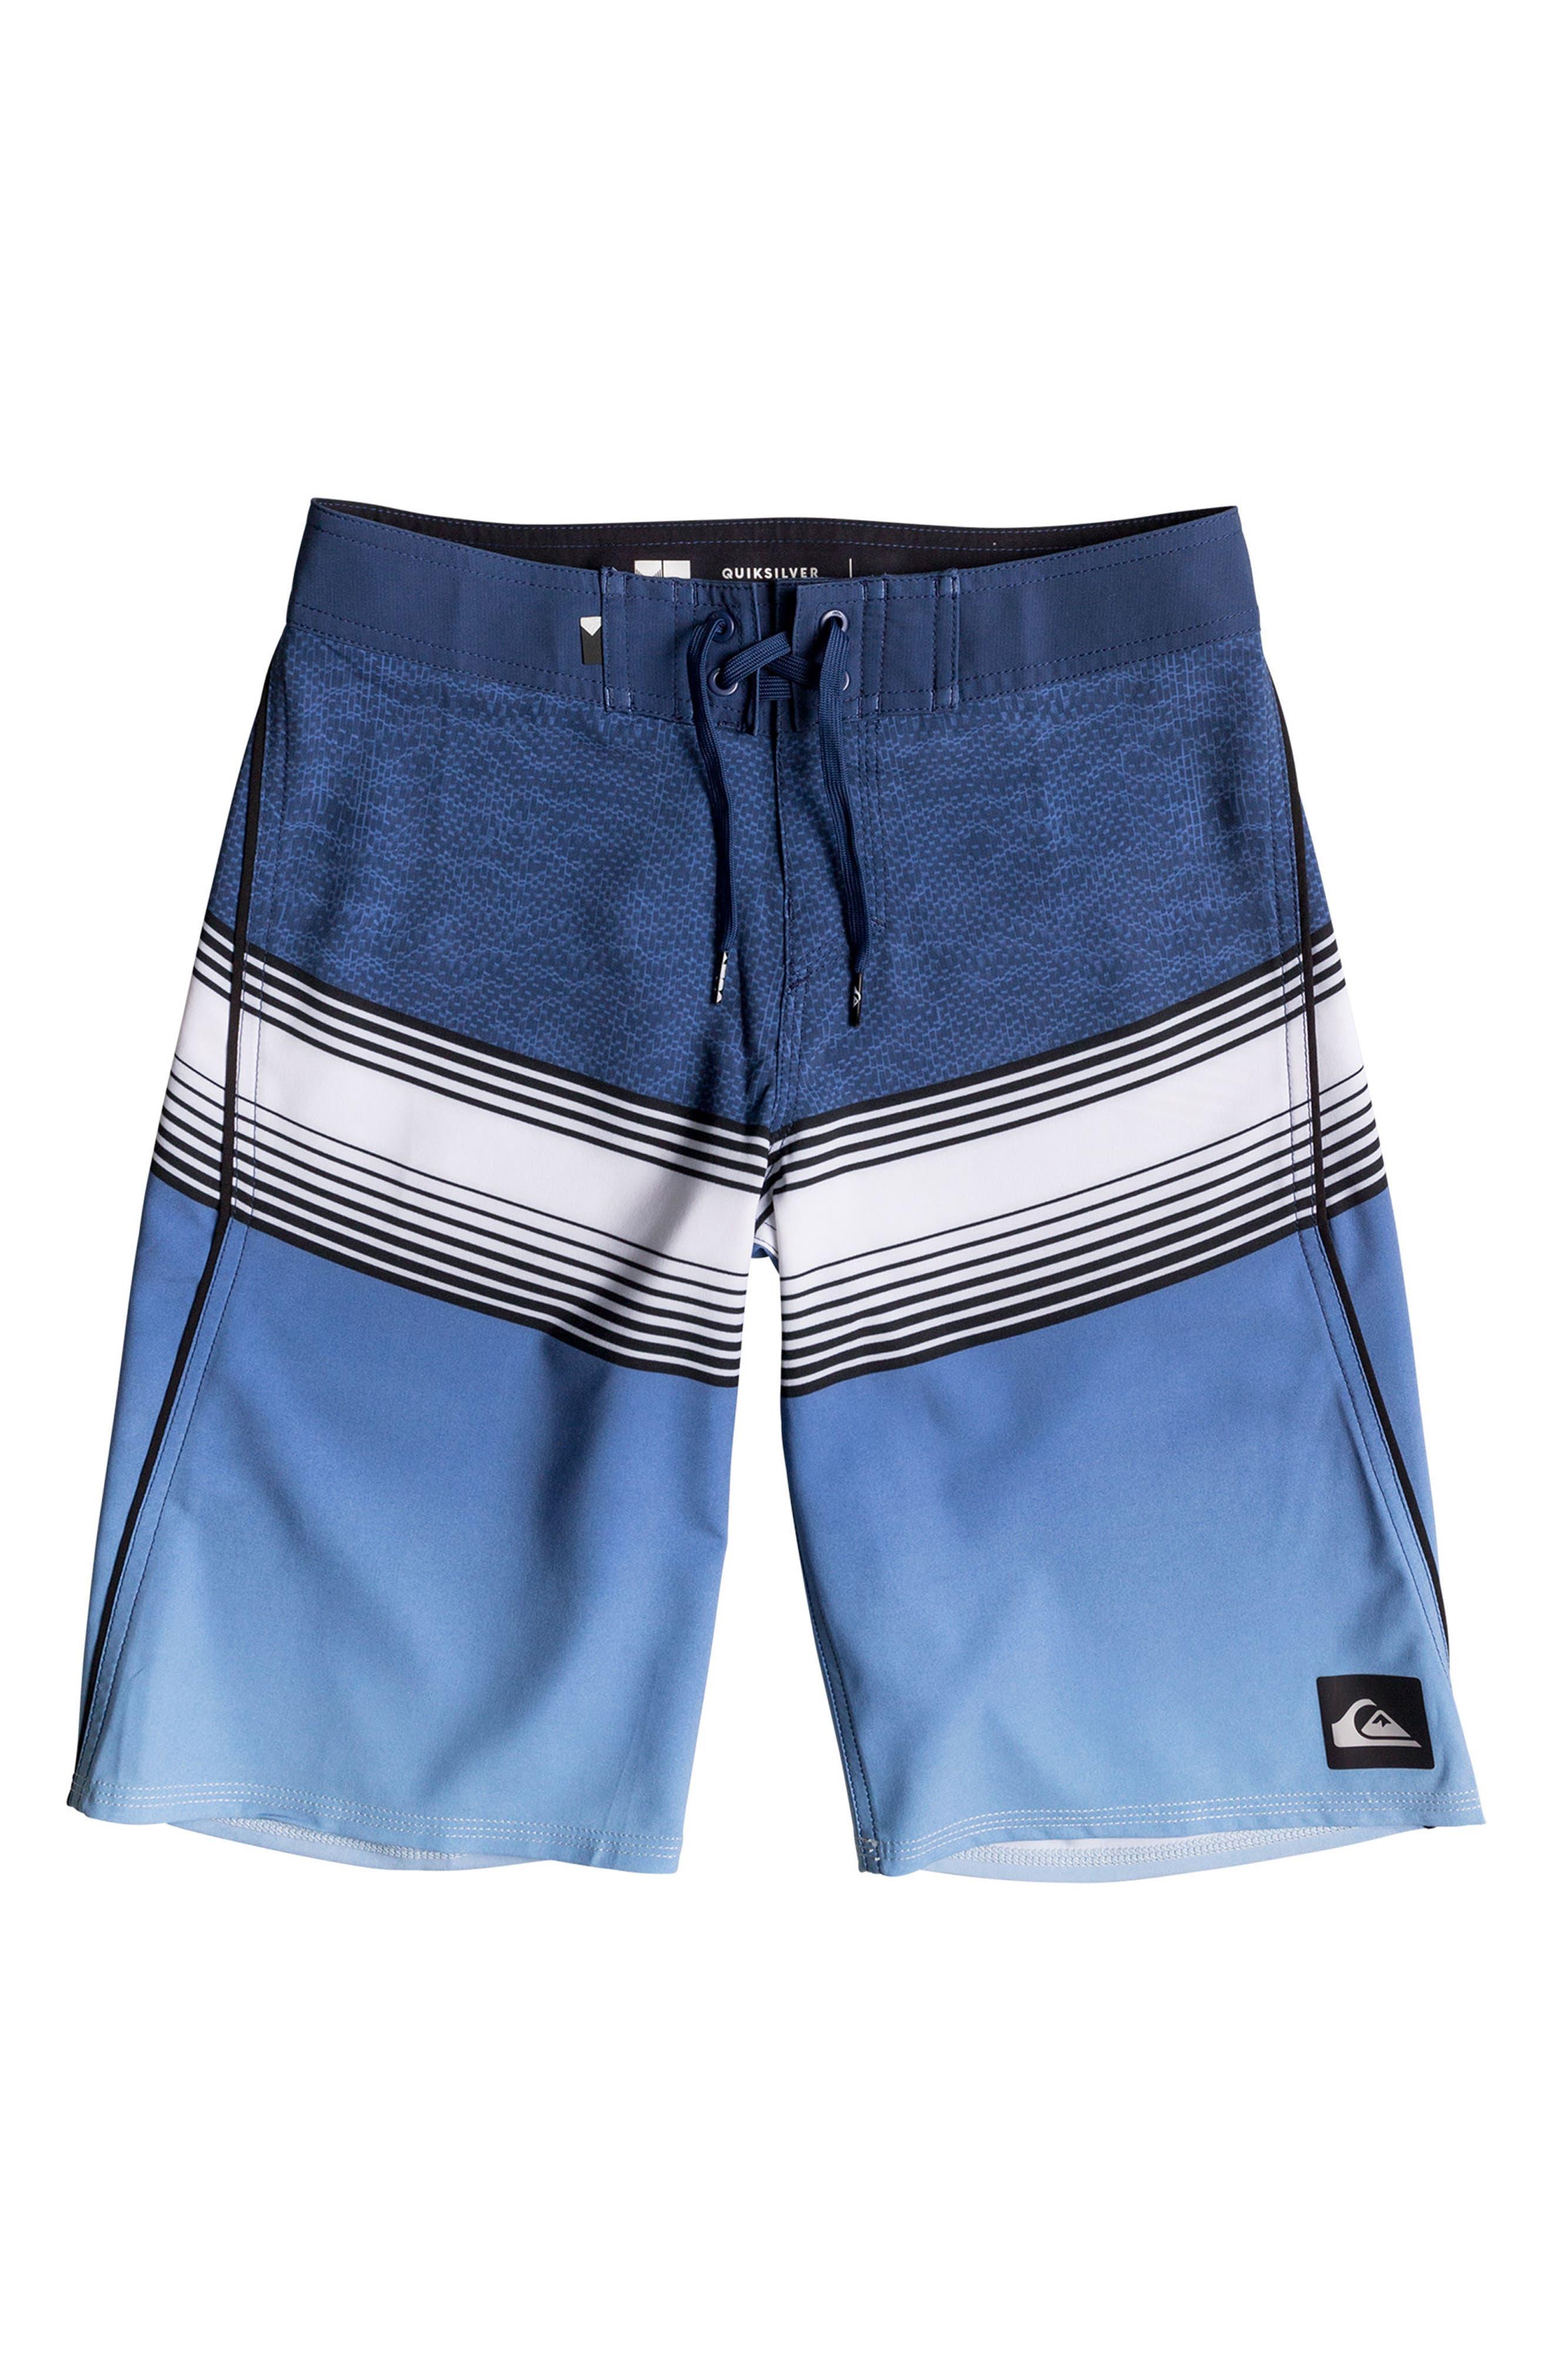 Division Fade Board Shorts,                         Main,                         color, Estate Blue